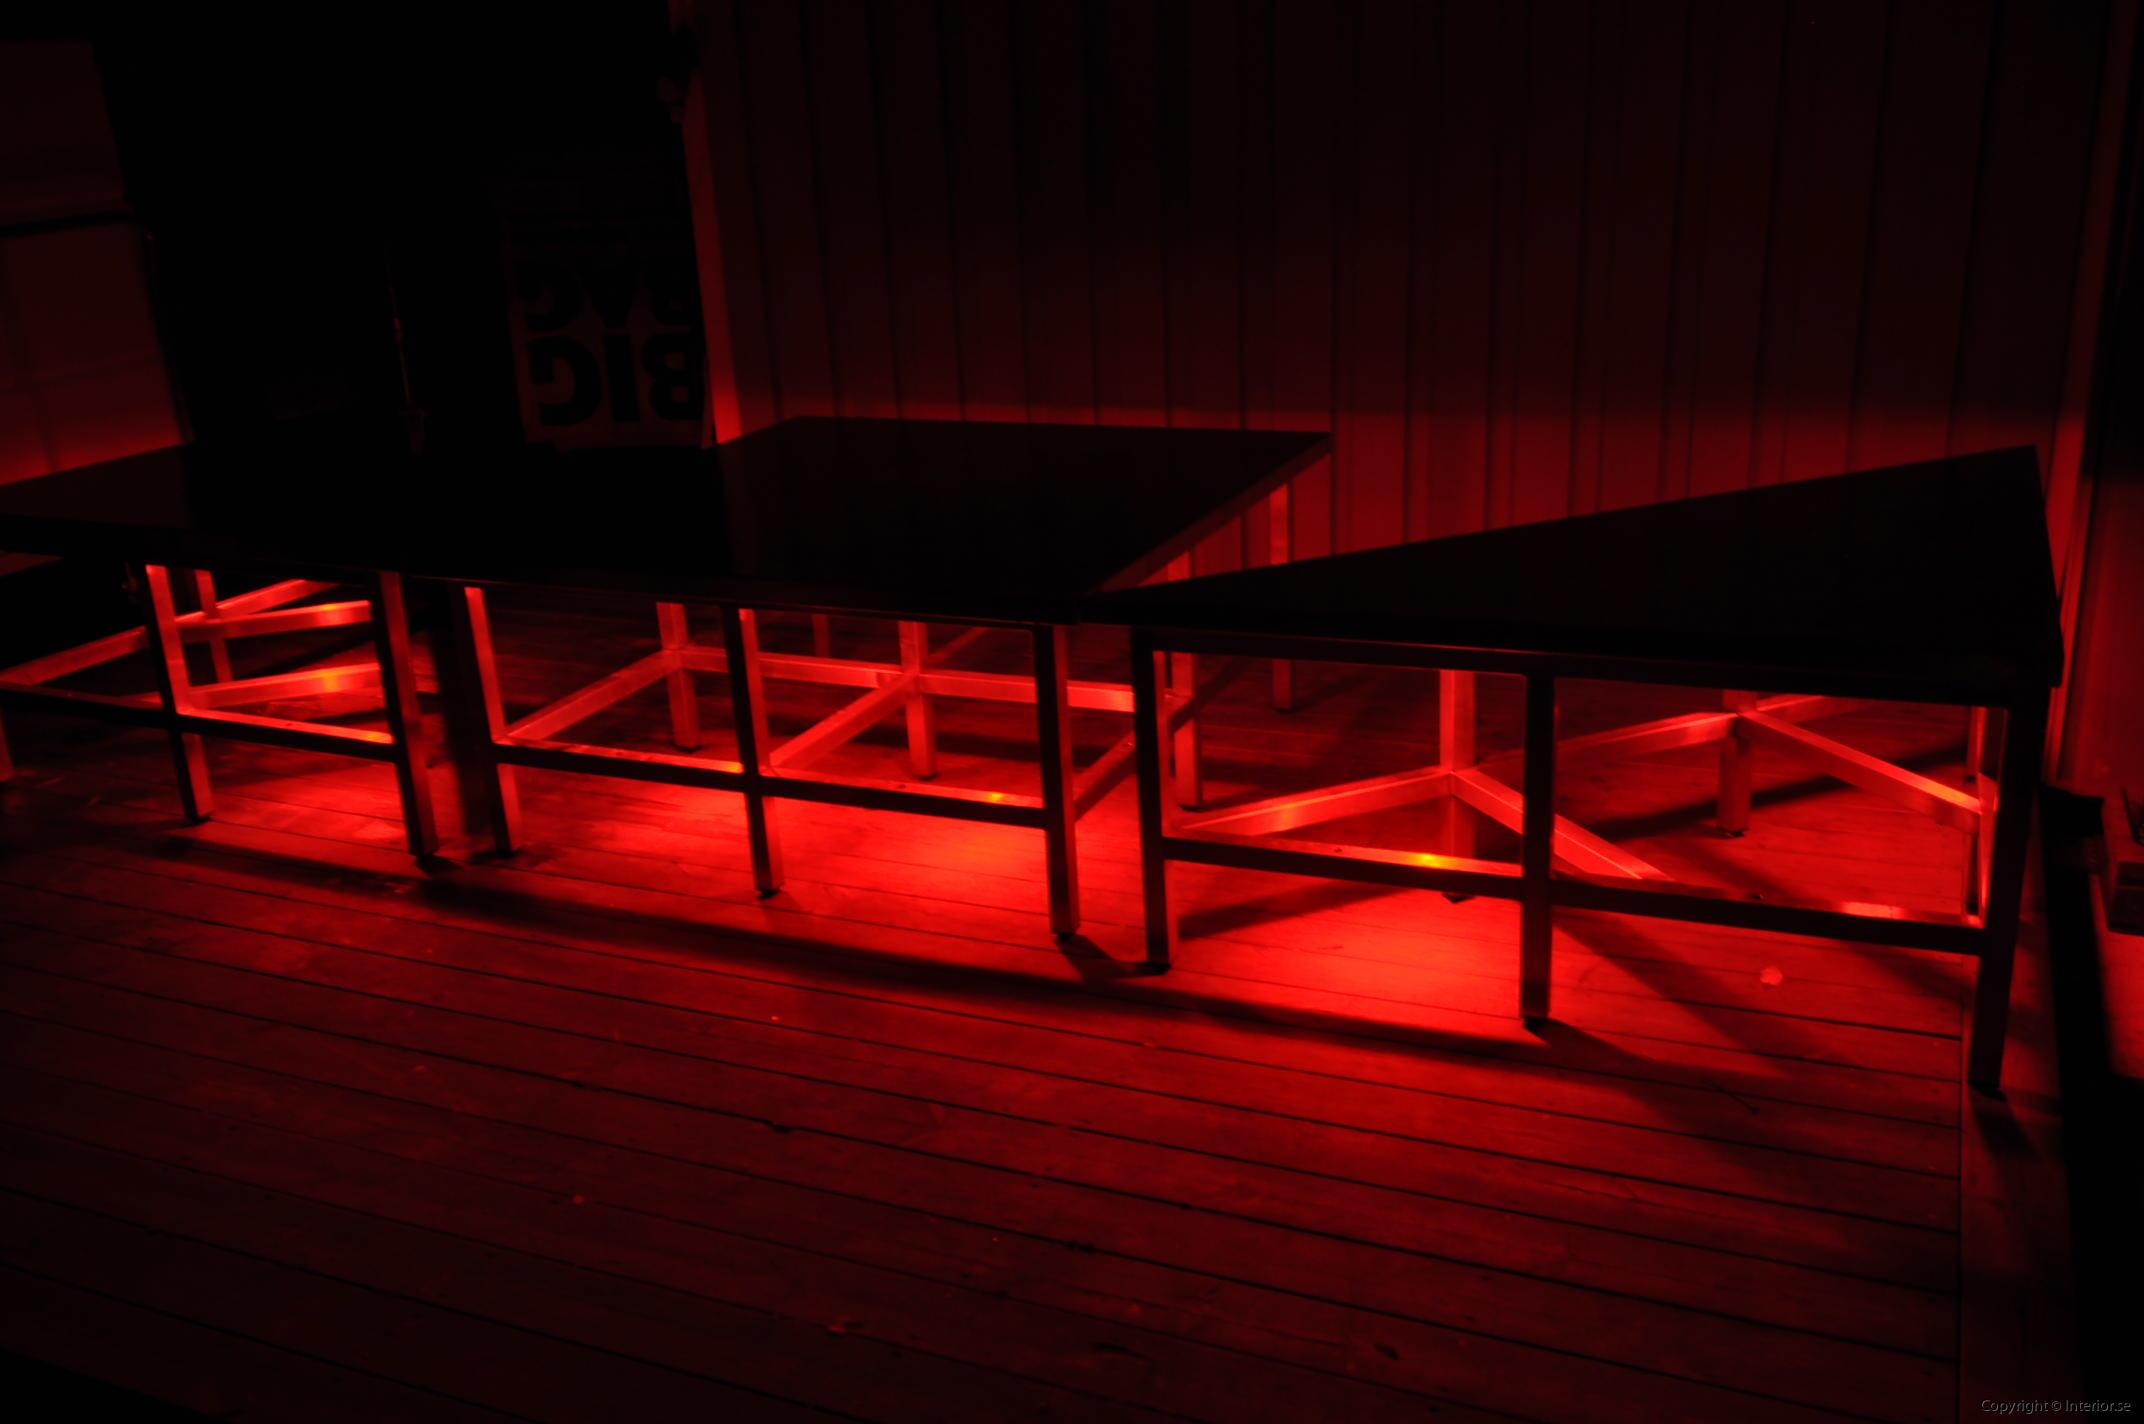 hyra scen podier podium rostfri dansscen hyr stockholm event möbler inredning (13)